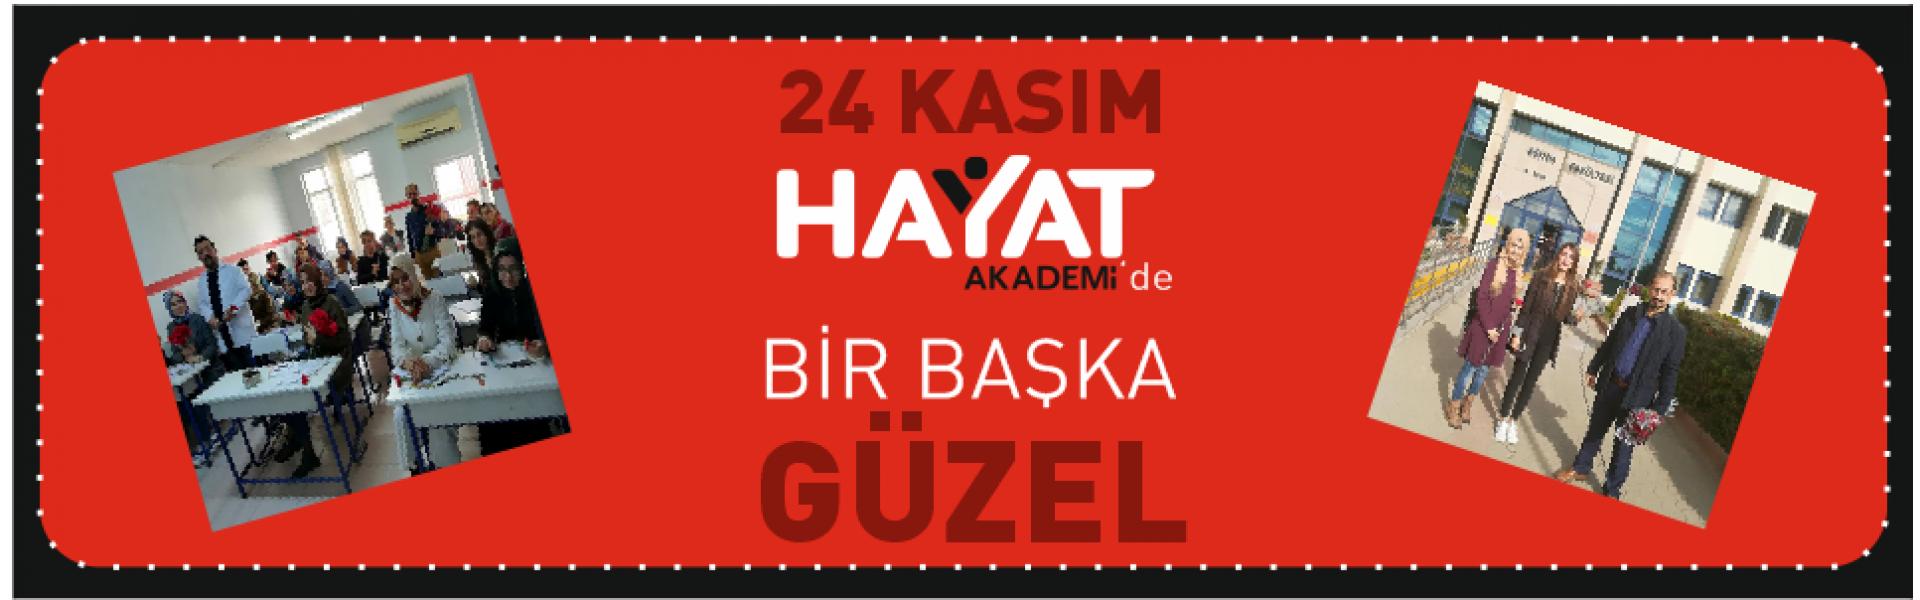 24 KASIM